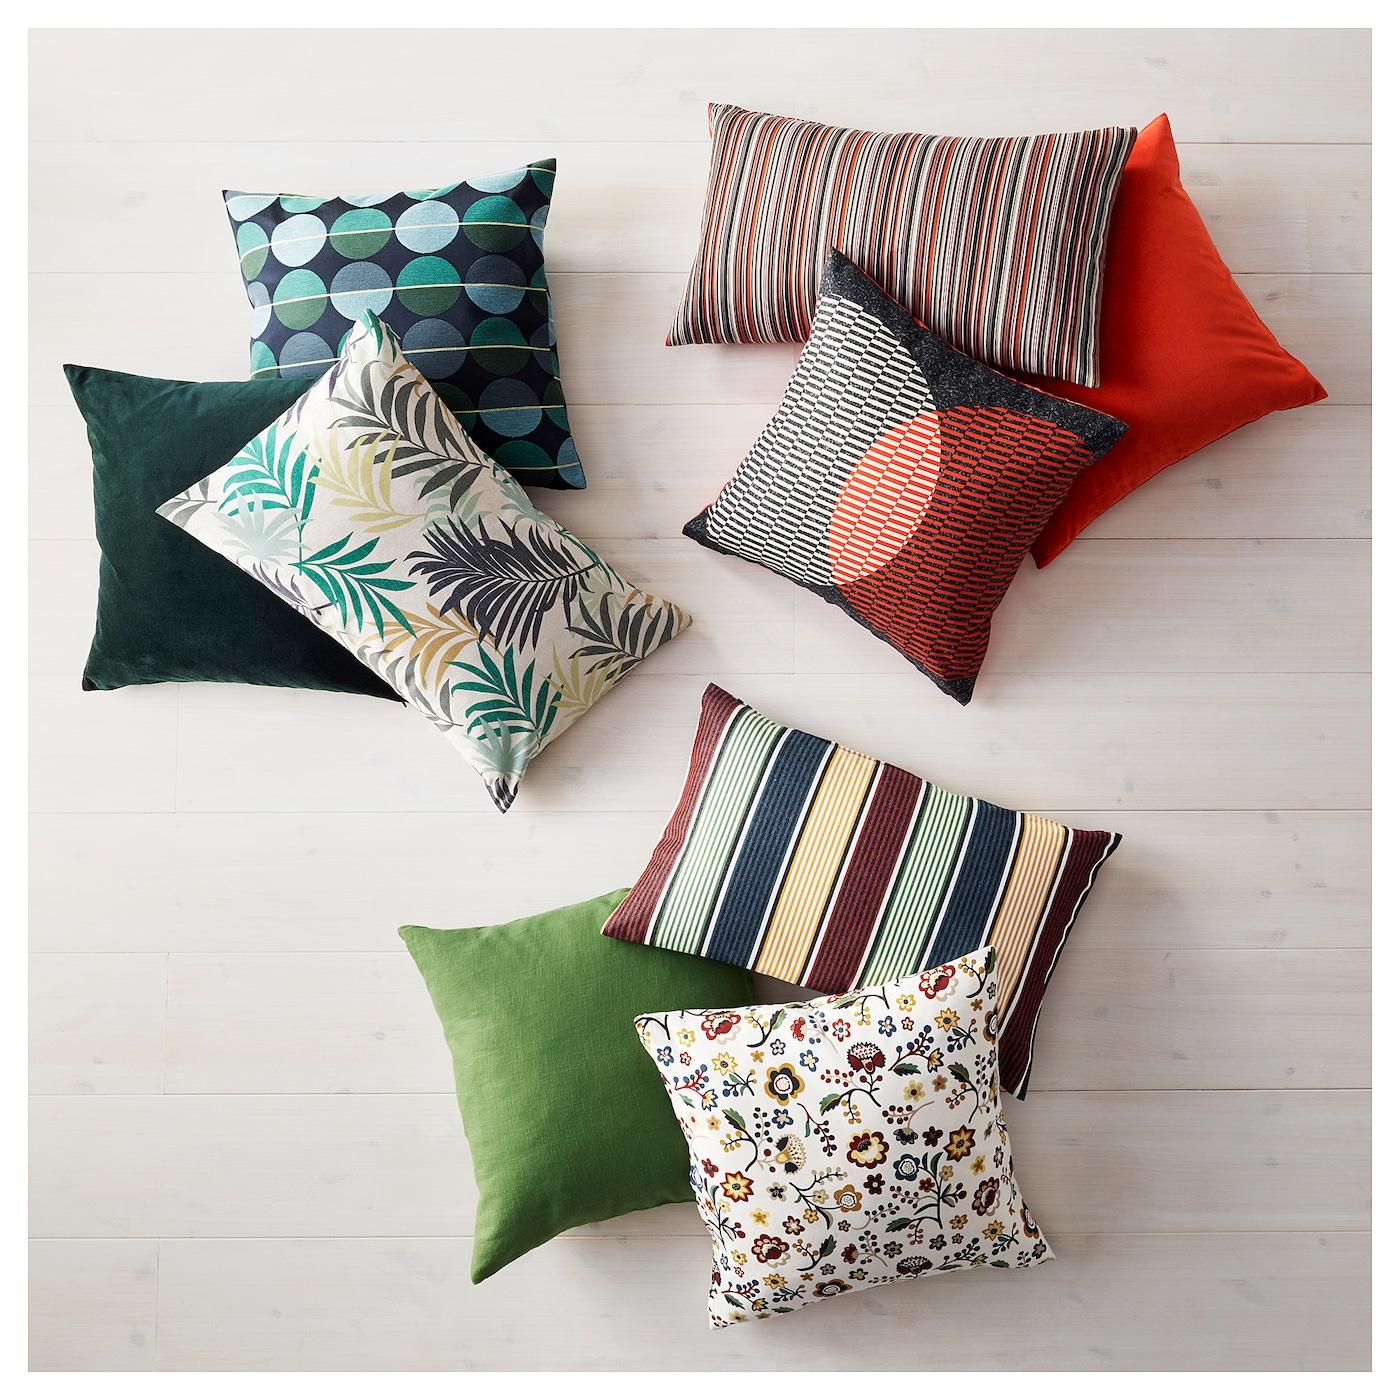 ottil housse de coussin bleu vert 50 x 50 cm ikea. Black Bedroom Furniture Sets. Home Design Ideas